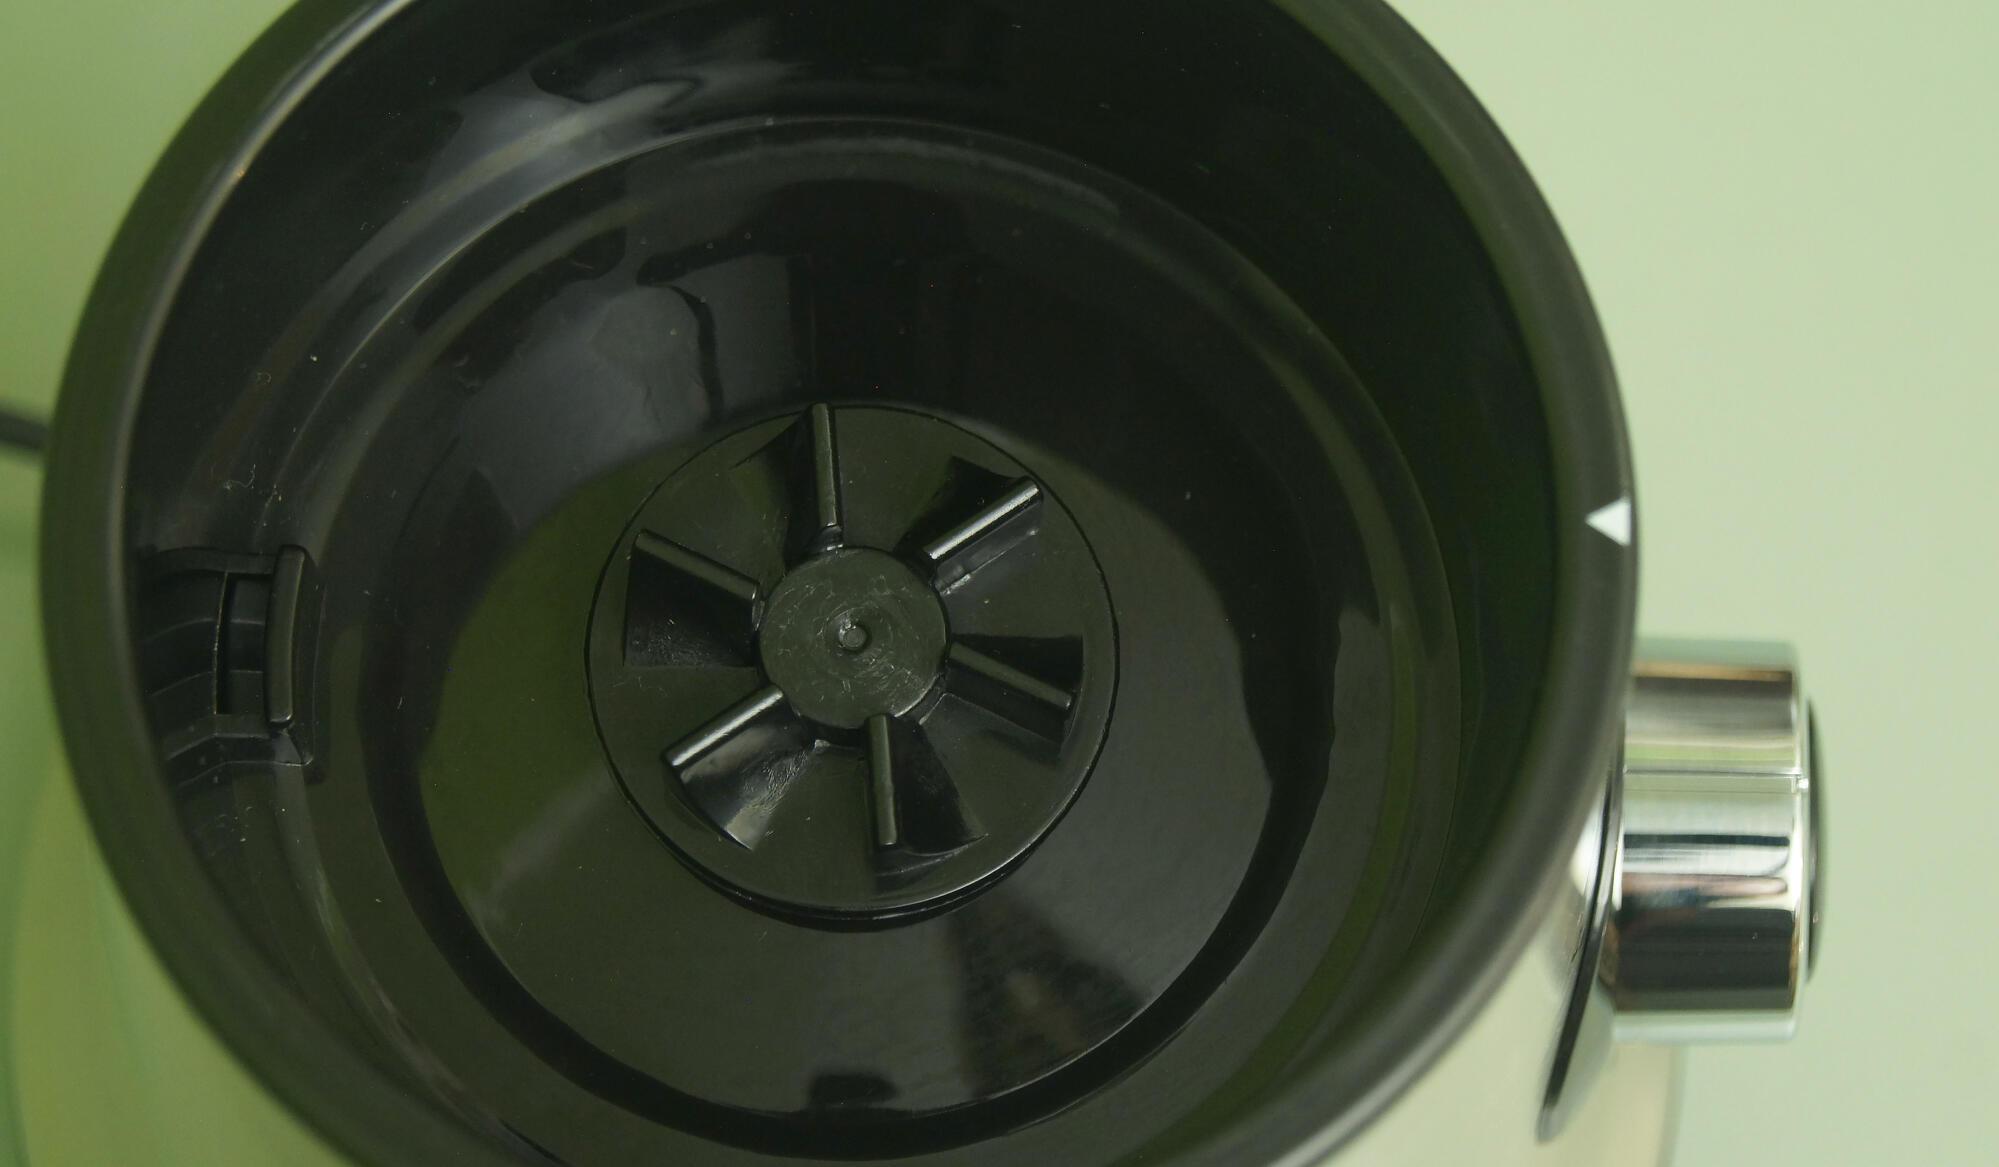 Bytovaya Tehnika - Obzor blendera DEXP GL-0500